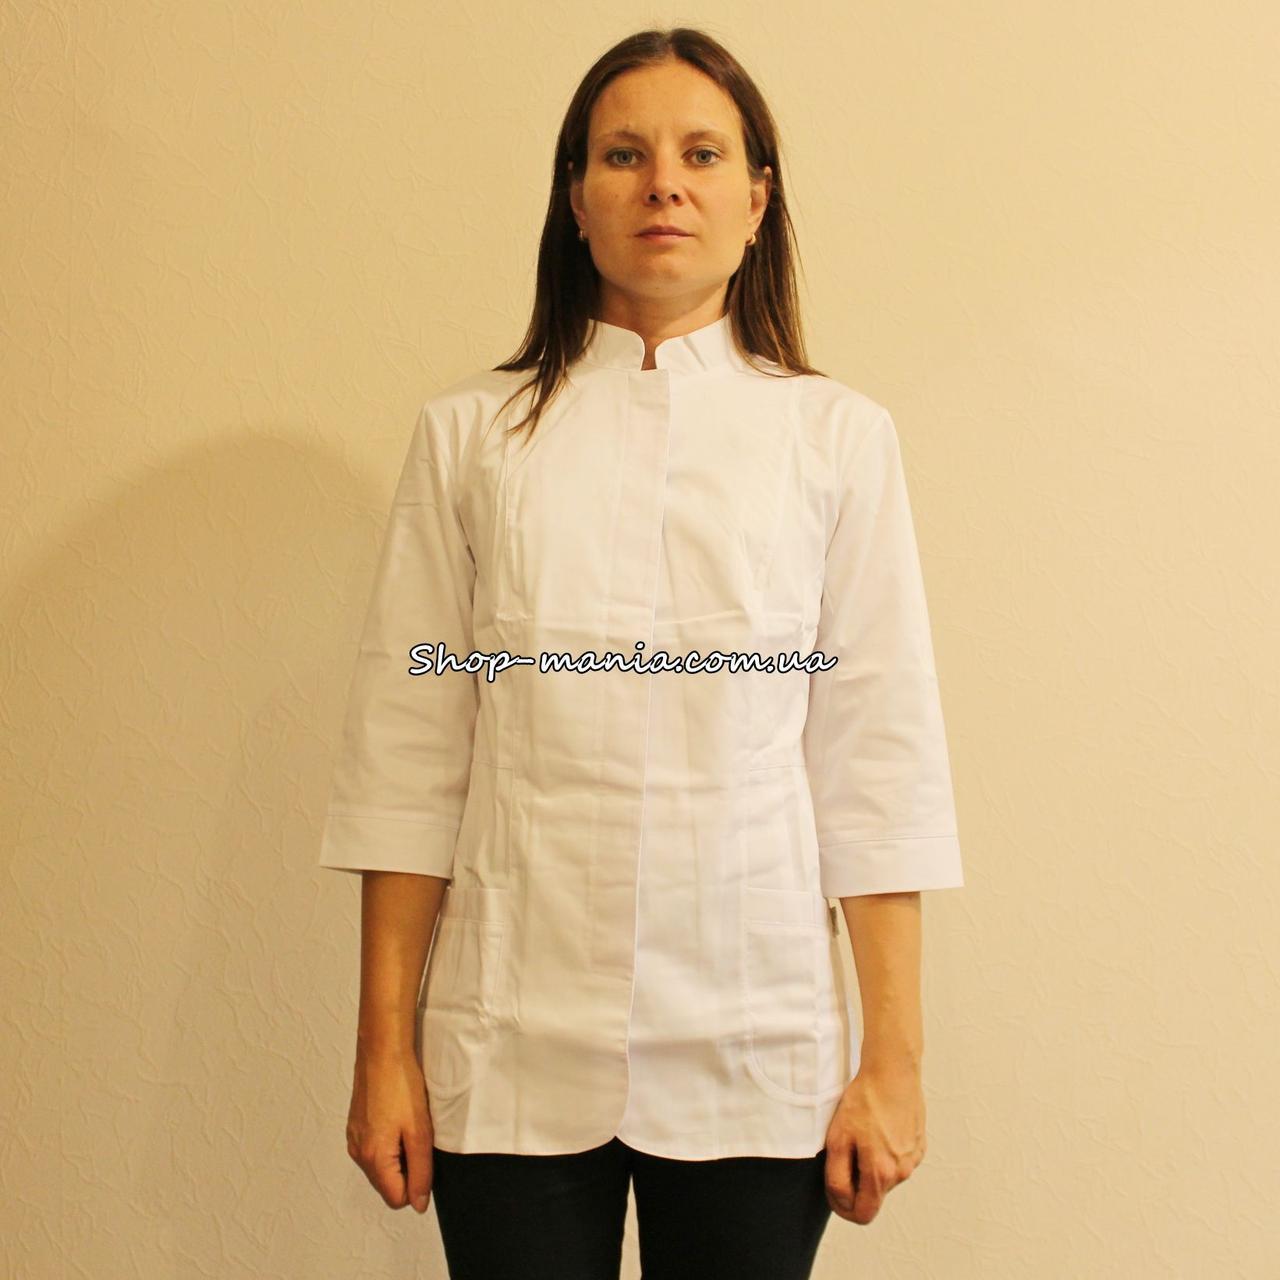 Женская медицинская куртка SM 1016-6 Rozaliya 42-56p (белый)